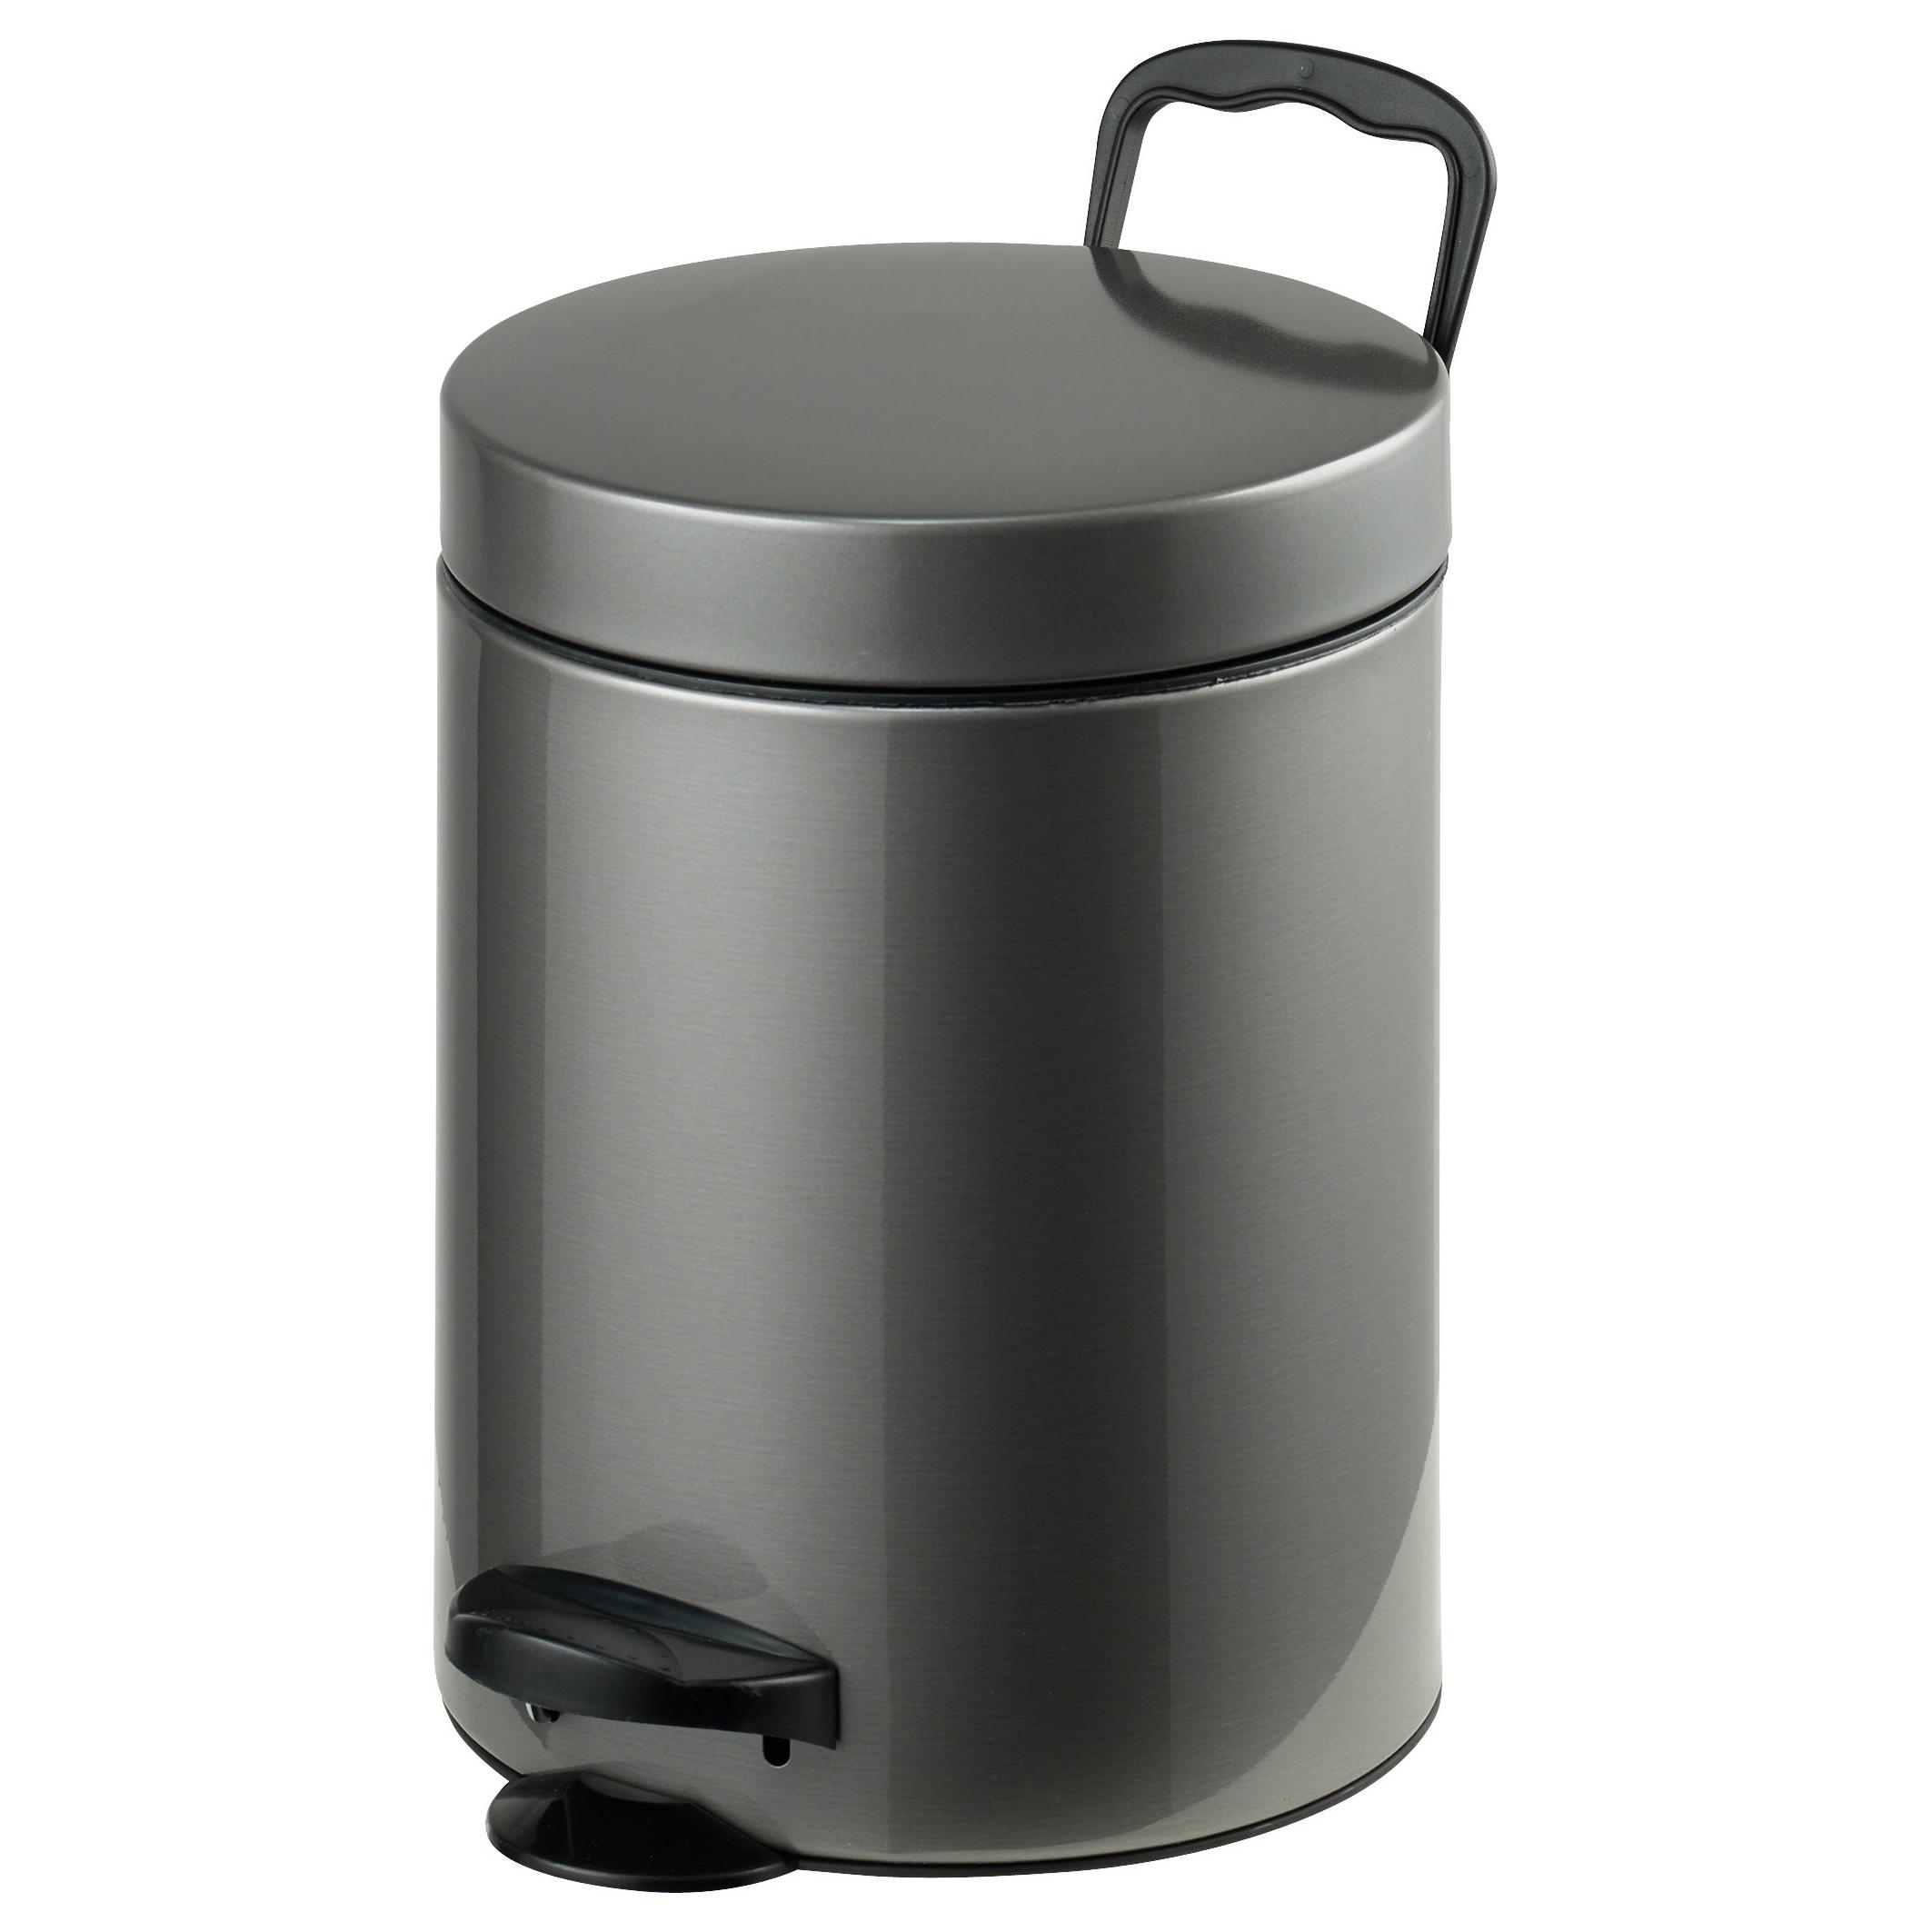 Ведро для мусора Axentia, с педалью, 5 л790009Ведро для мусора Axentia изготовлено из нержавеющей стали. Изделие оснащено крышкой, ручкой для переноски и педалью для более удобного использования. Такое ведро пригодится для мелкого мусора, а также прекрасно впишется в интерьер ванной комнаты.